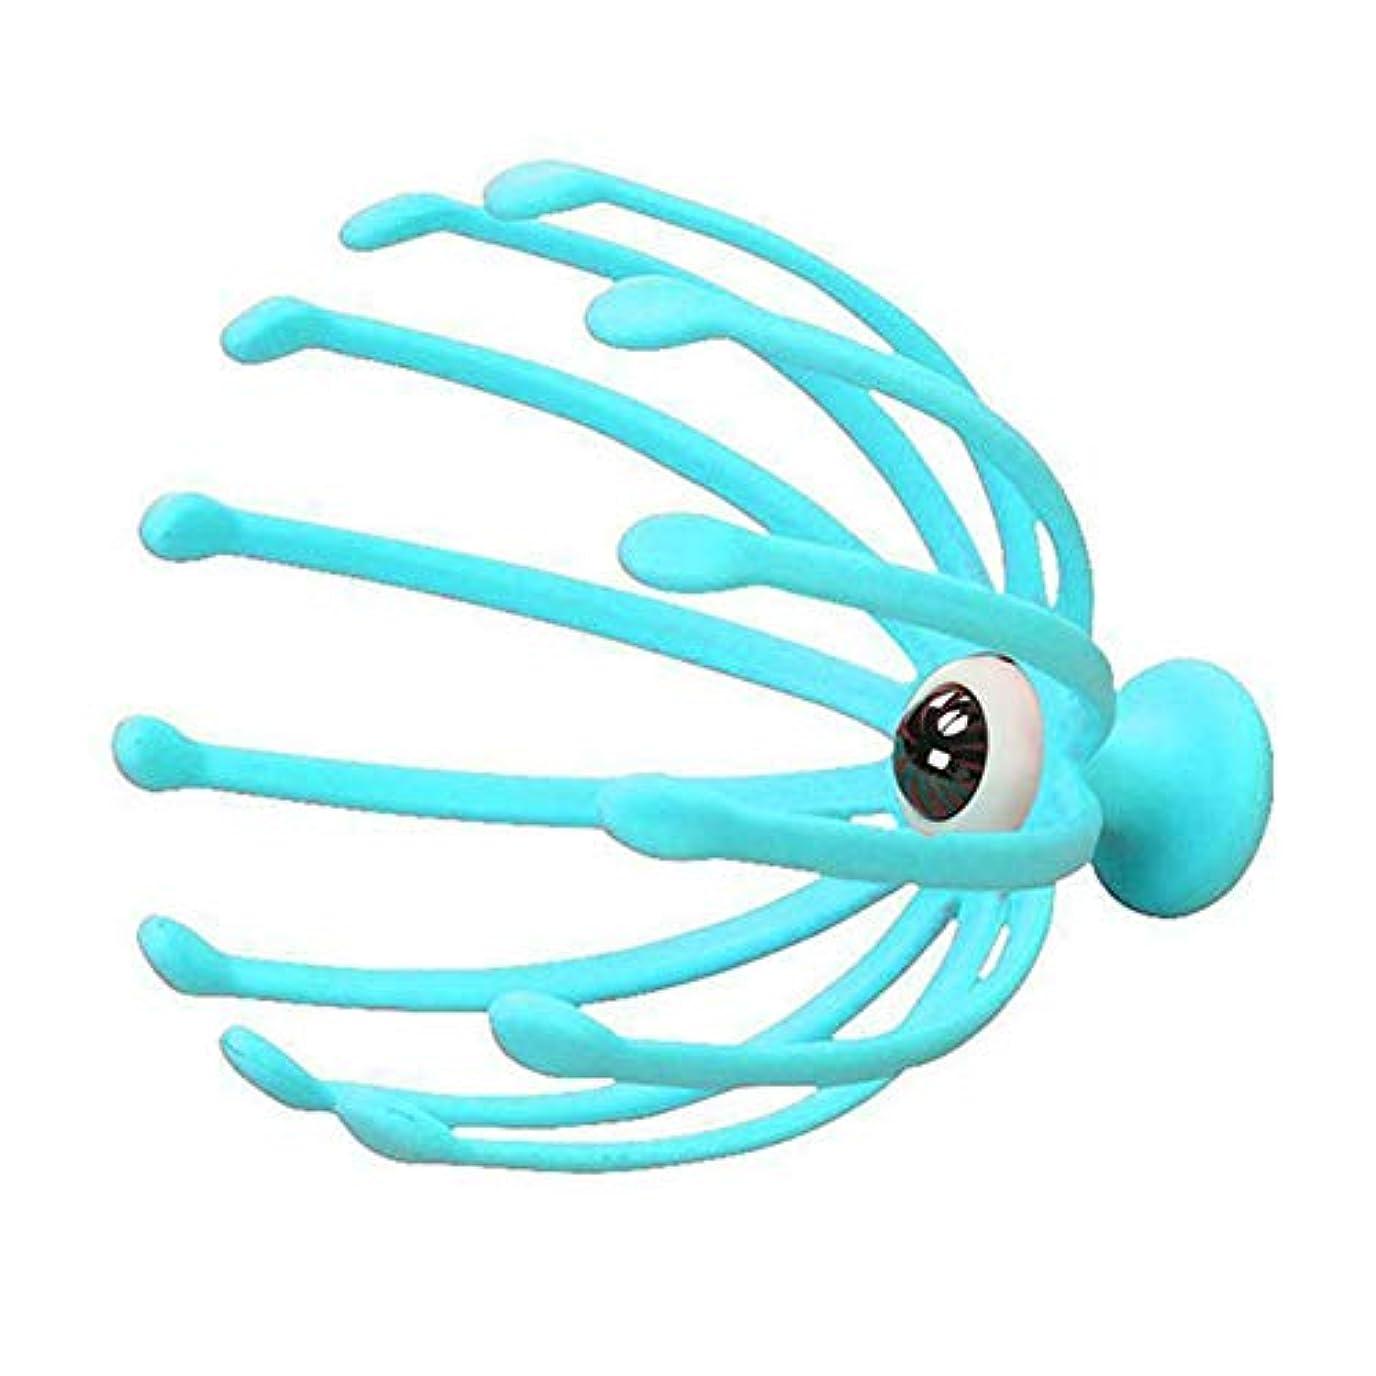 粘り強い凝縮する簡単なLambowo 676/5000 磁気ビーズの手動ヘッドマッサージ8つの爪のマッサージャーの携帯用手持ち型の頭皮のマッサージャー